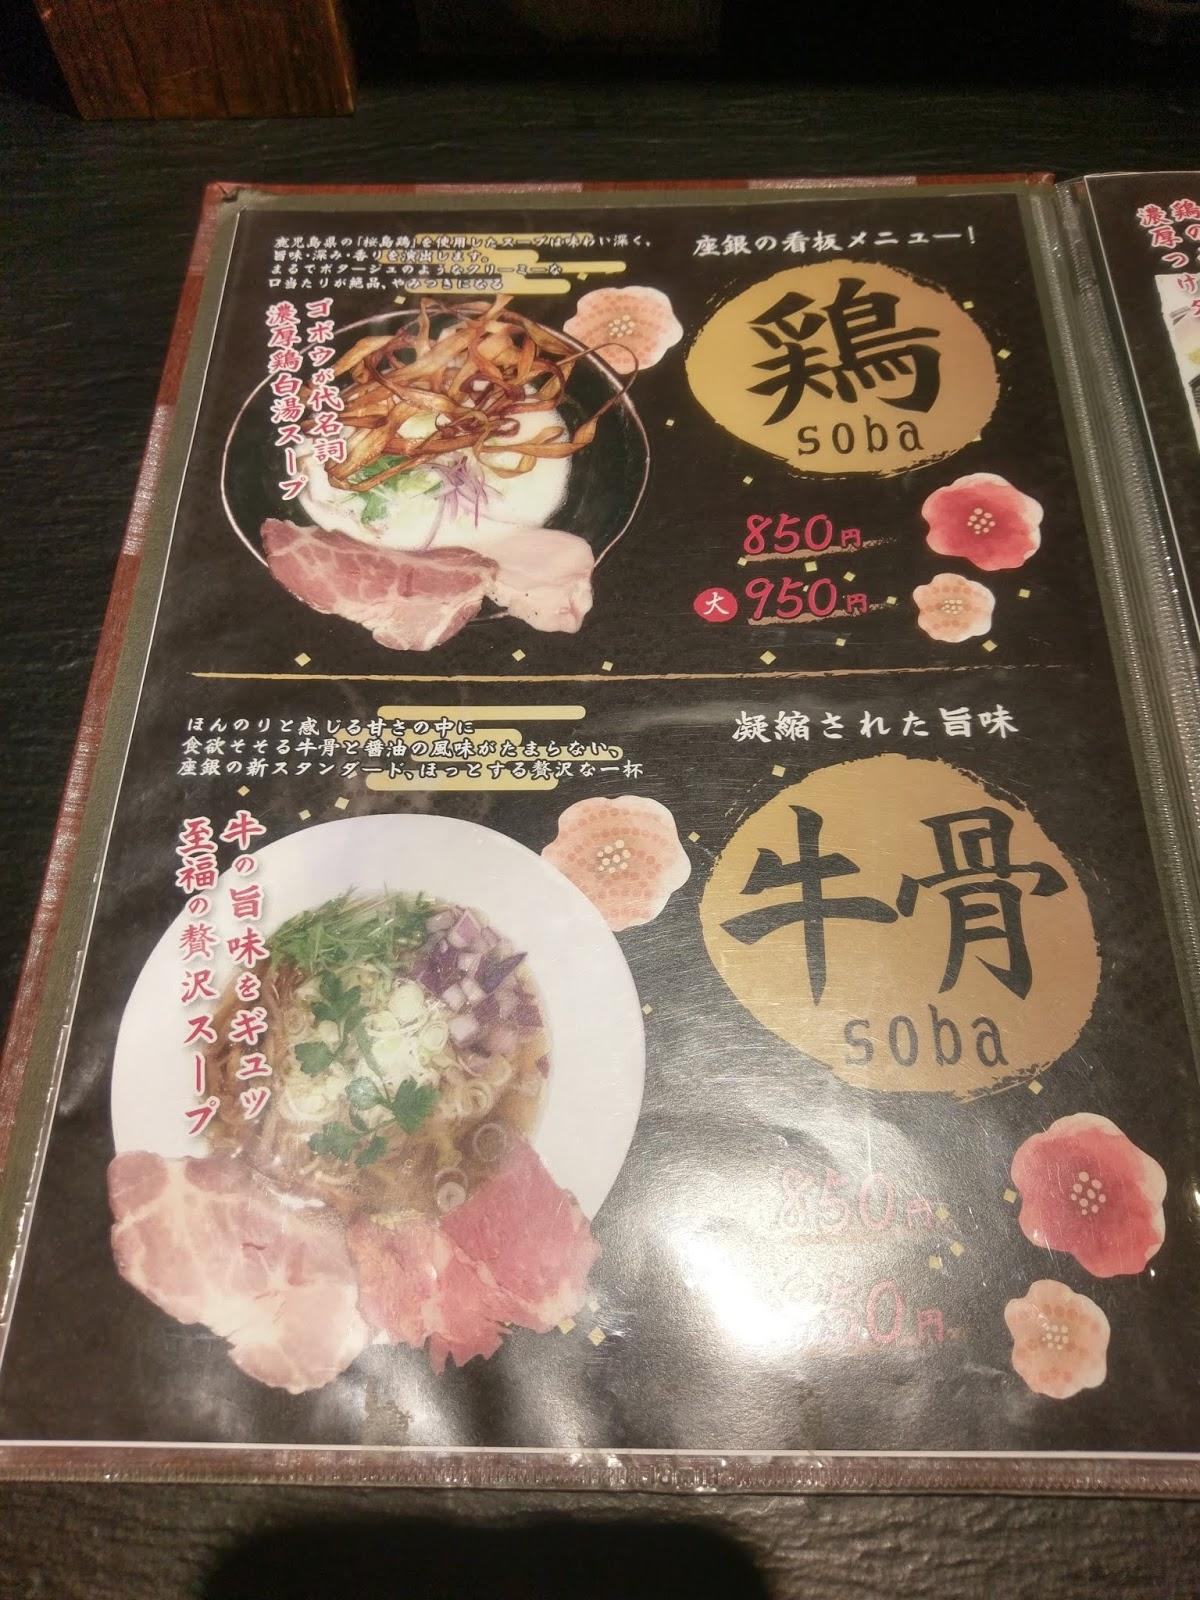 メニュー1(鶏soba 座銀 住之江店)